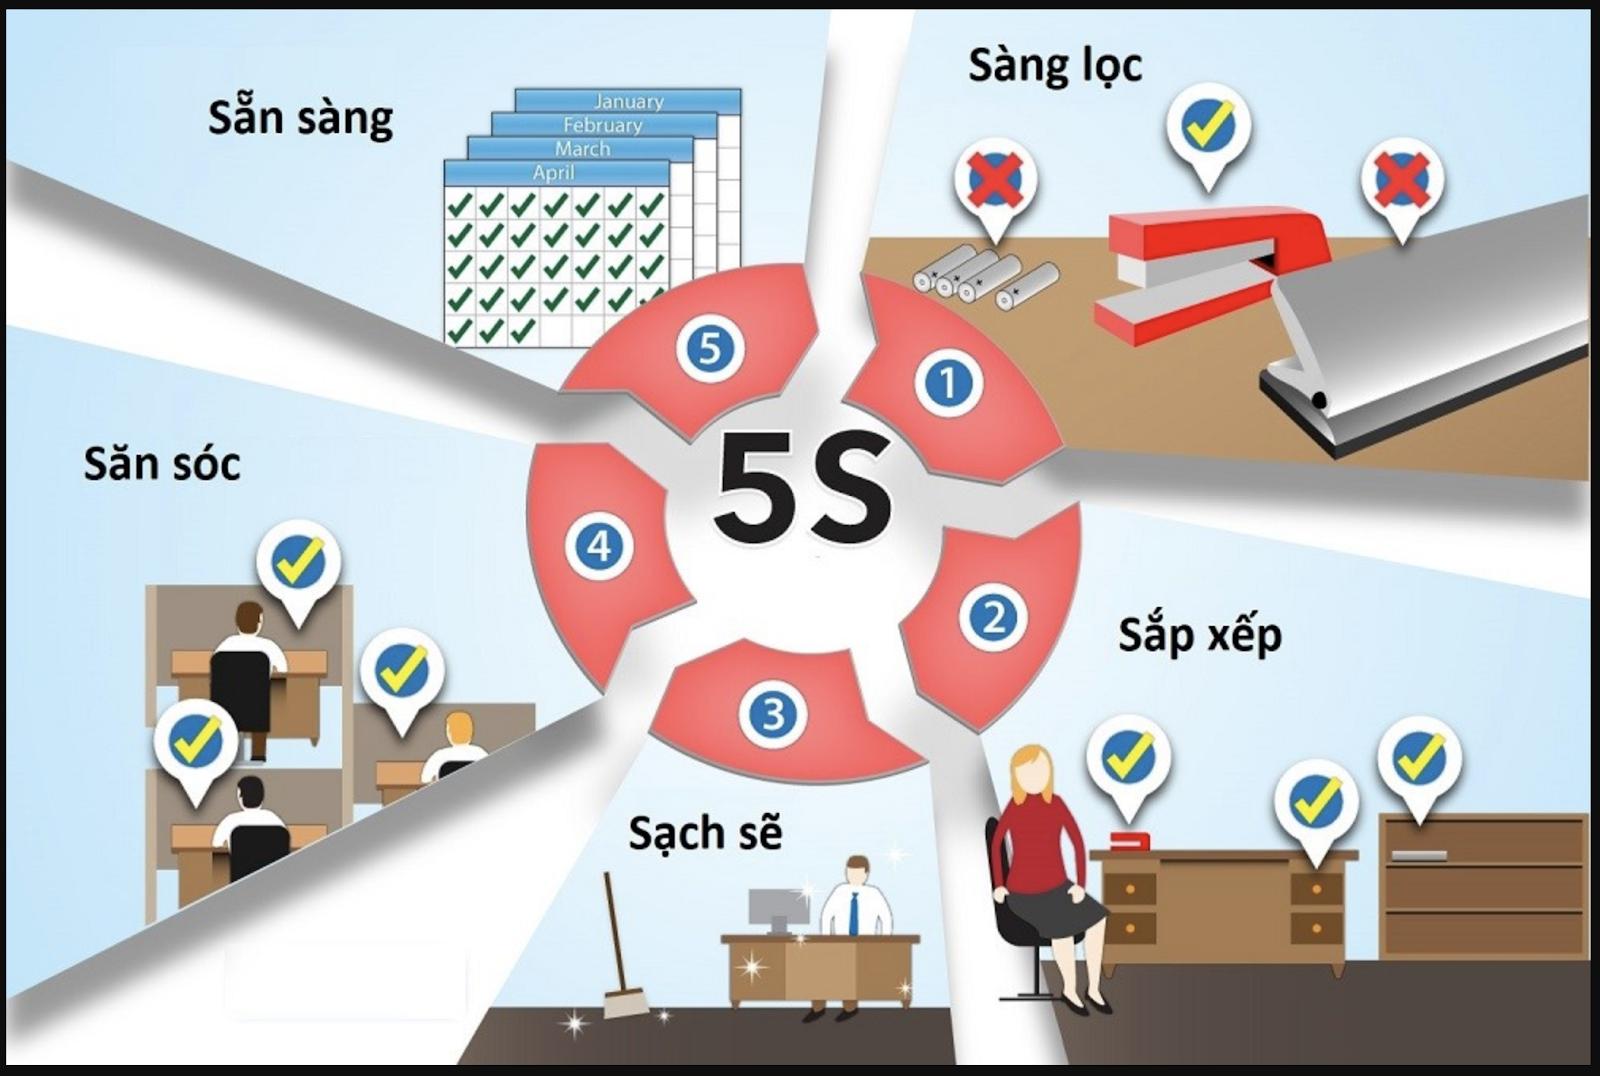 Đối tượng áp dụng mô hình 5s là gì?